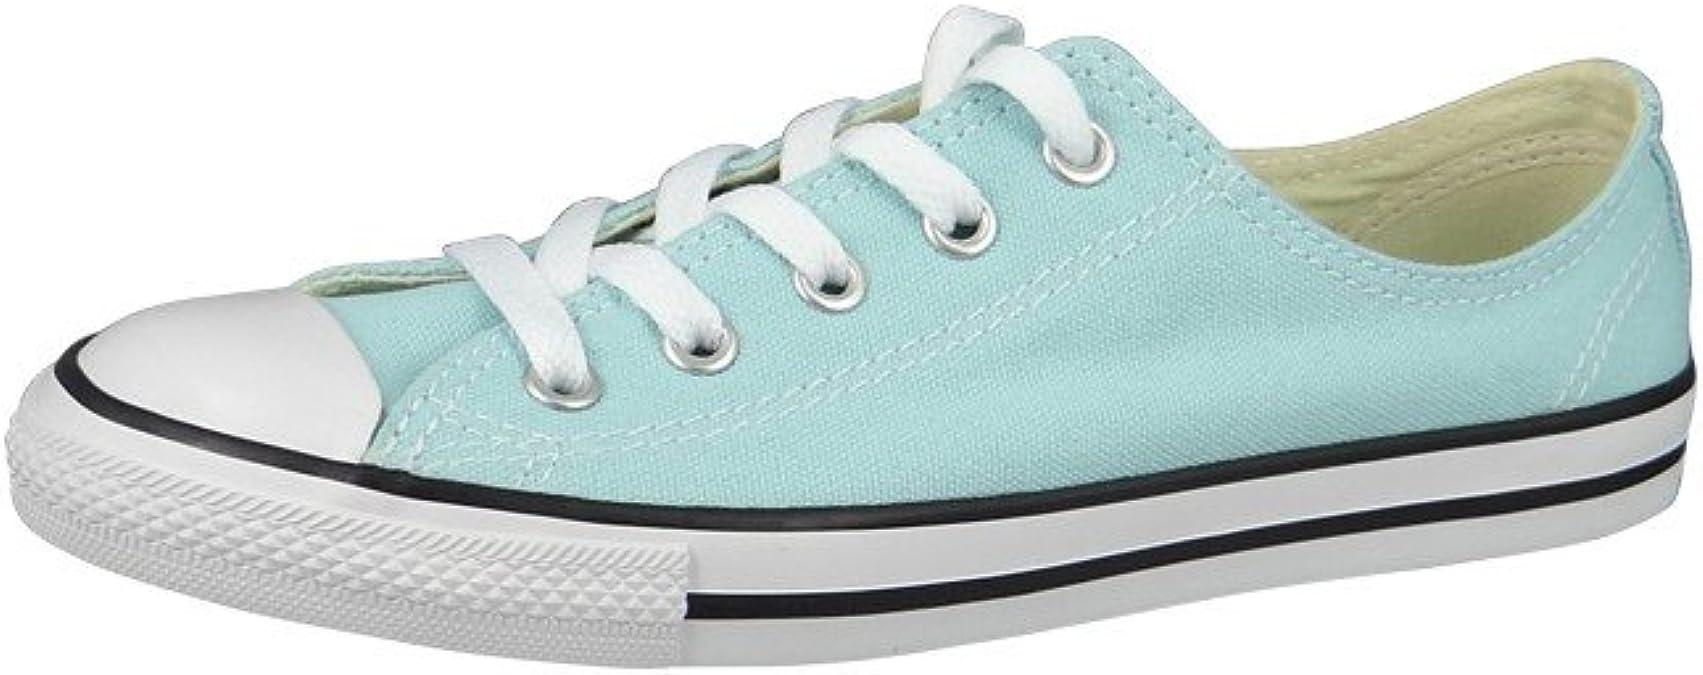 Converse All Star Dainty Ox Femme Baskets Mode Bleu: Amazon ...